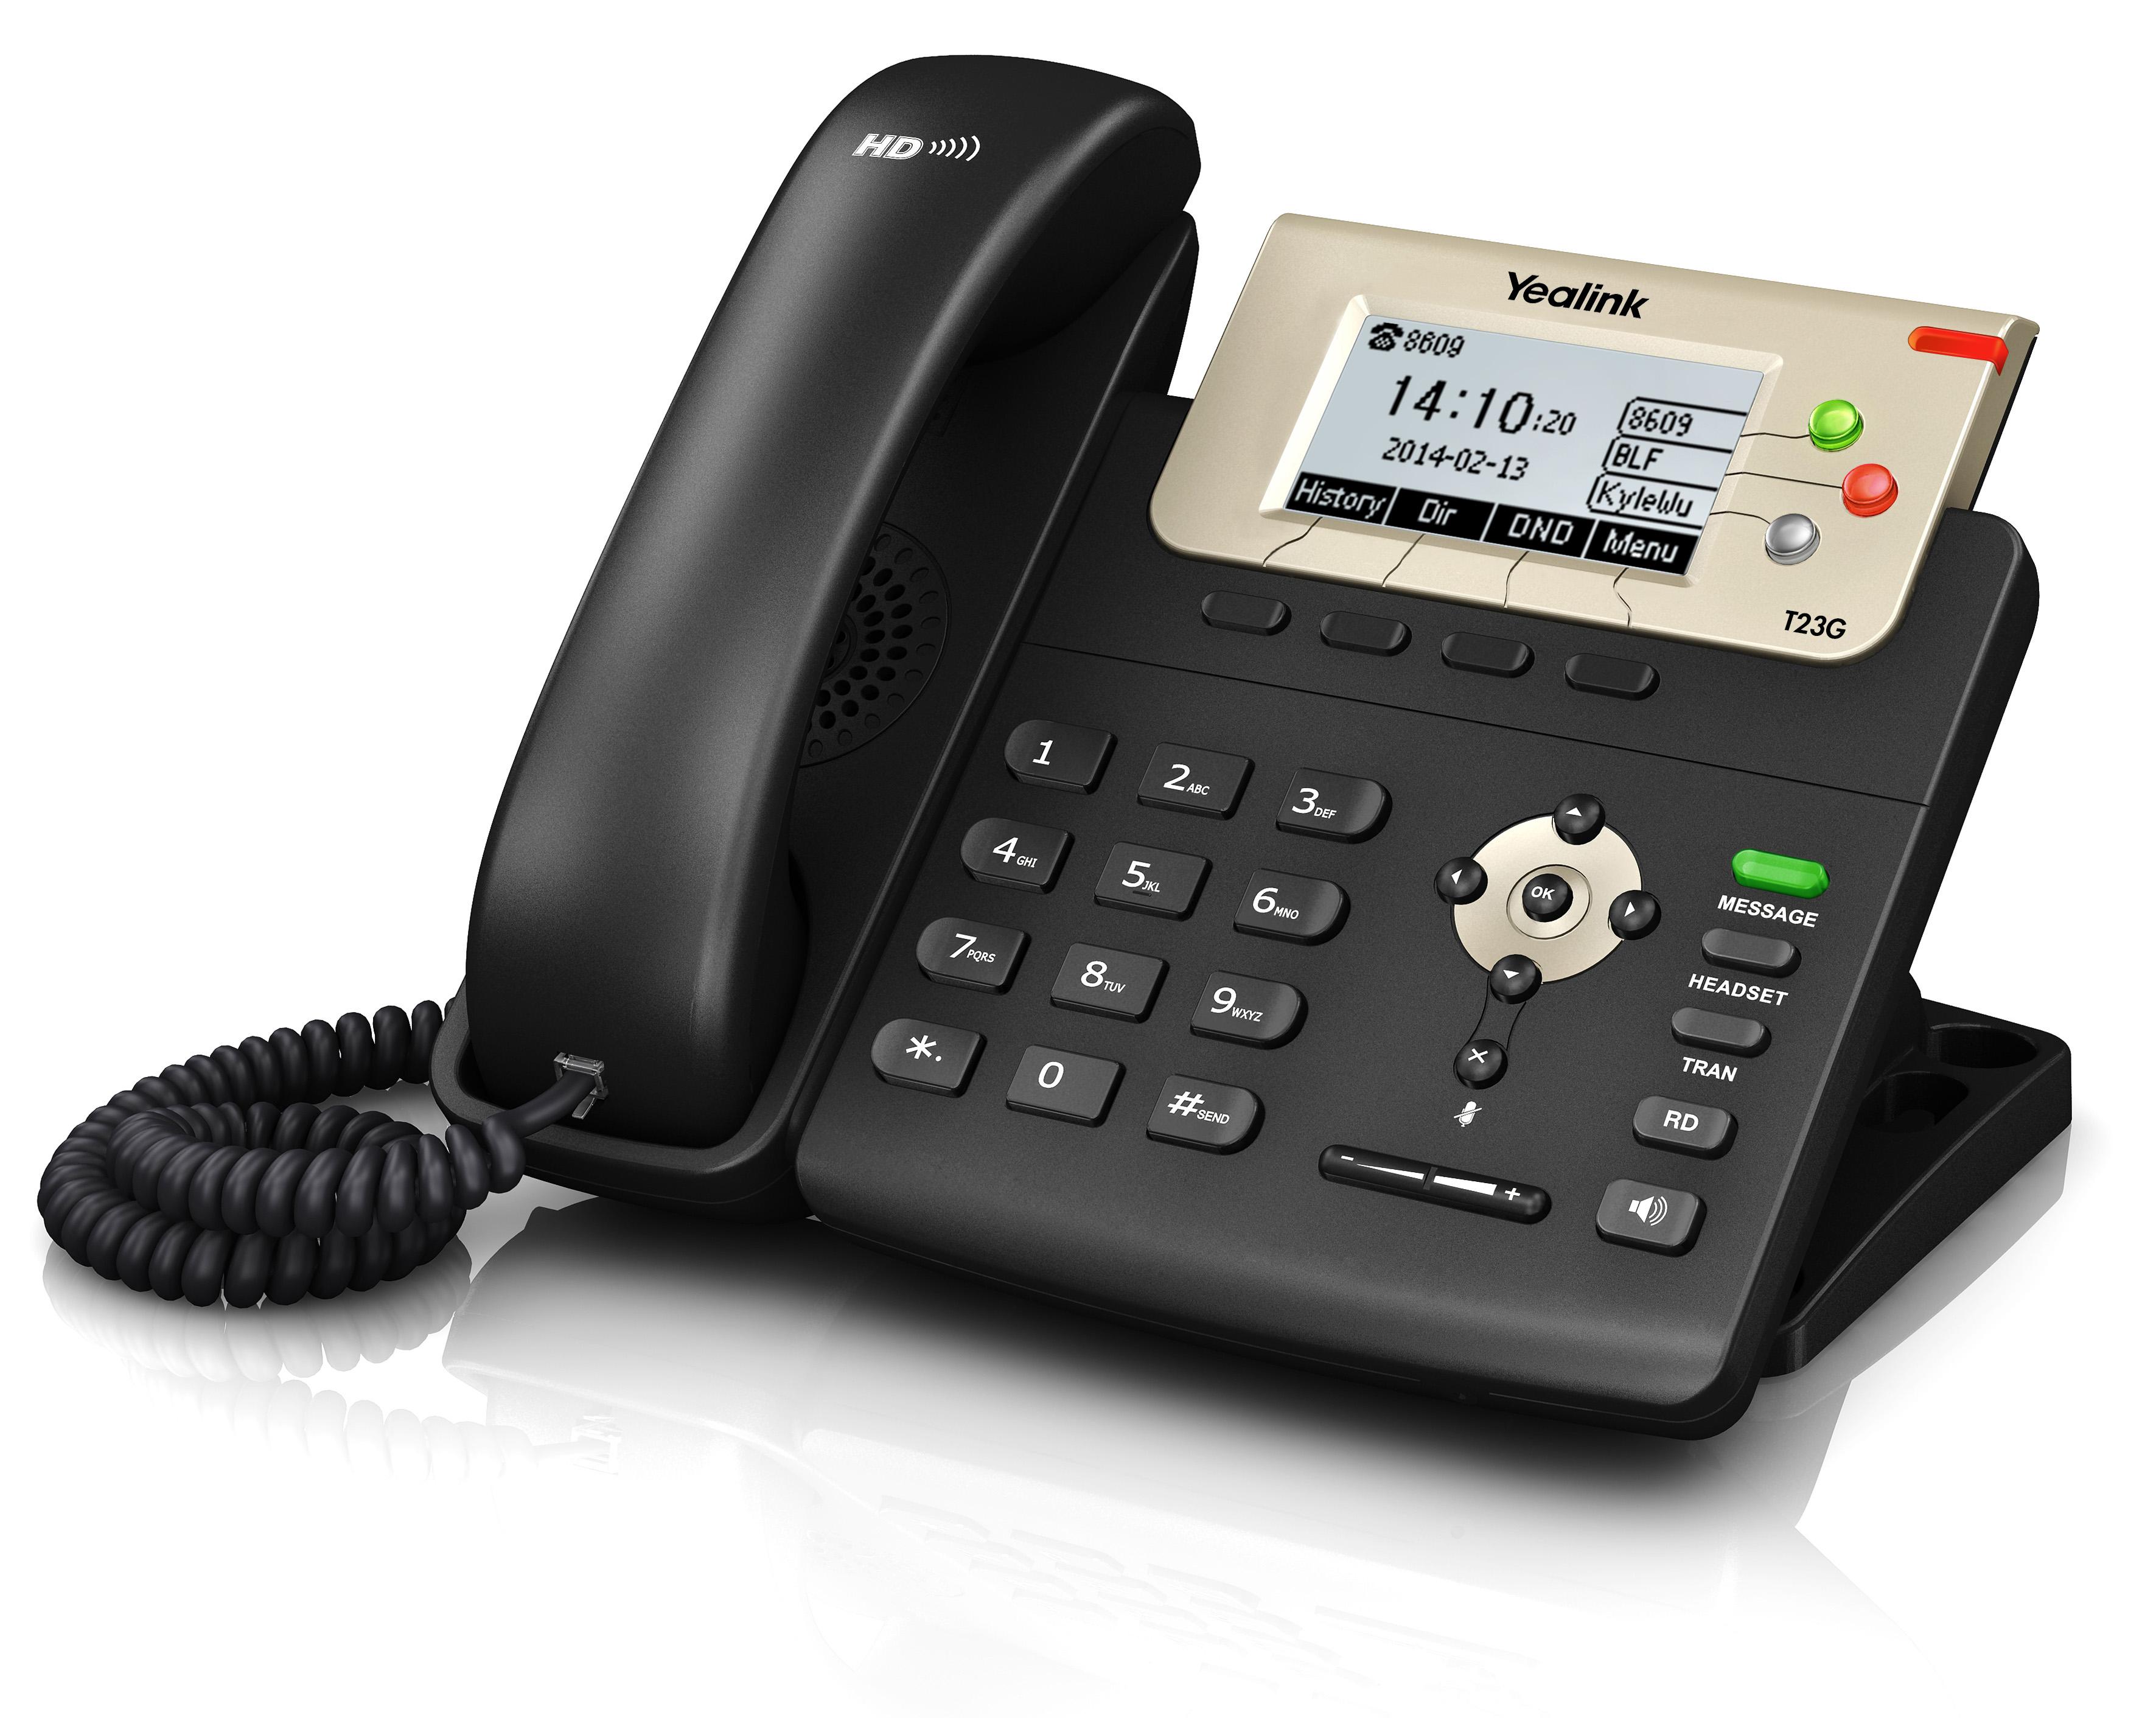 T23G טלפוני אייפי איכותיים במבצע טלפונים לעסקים